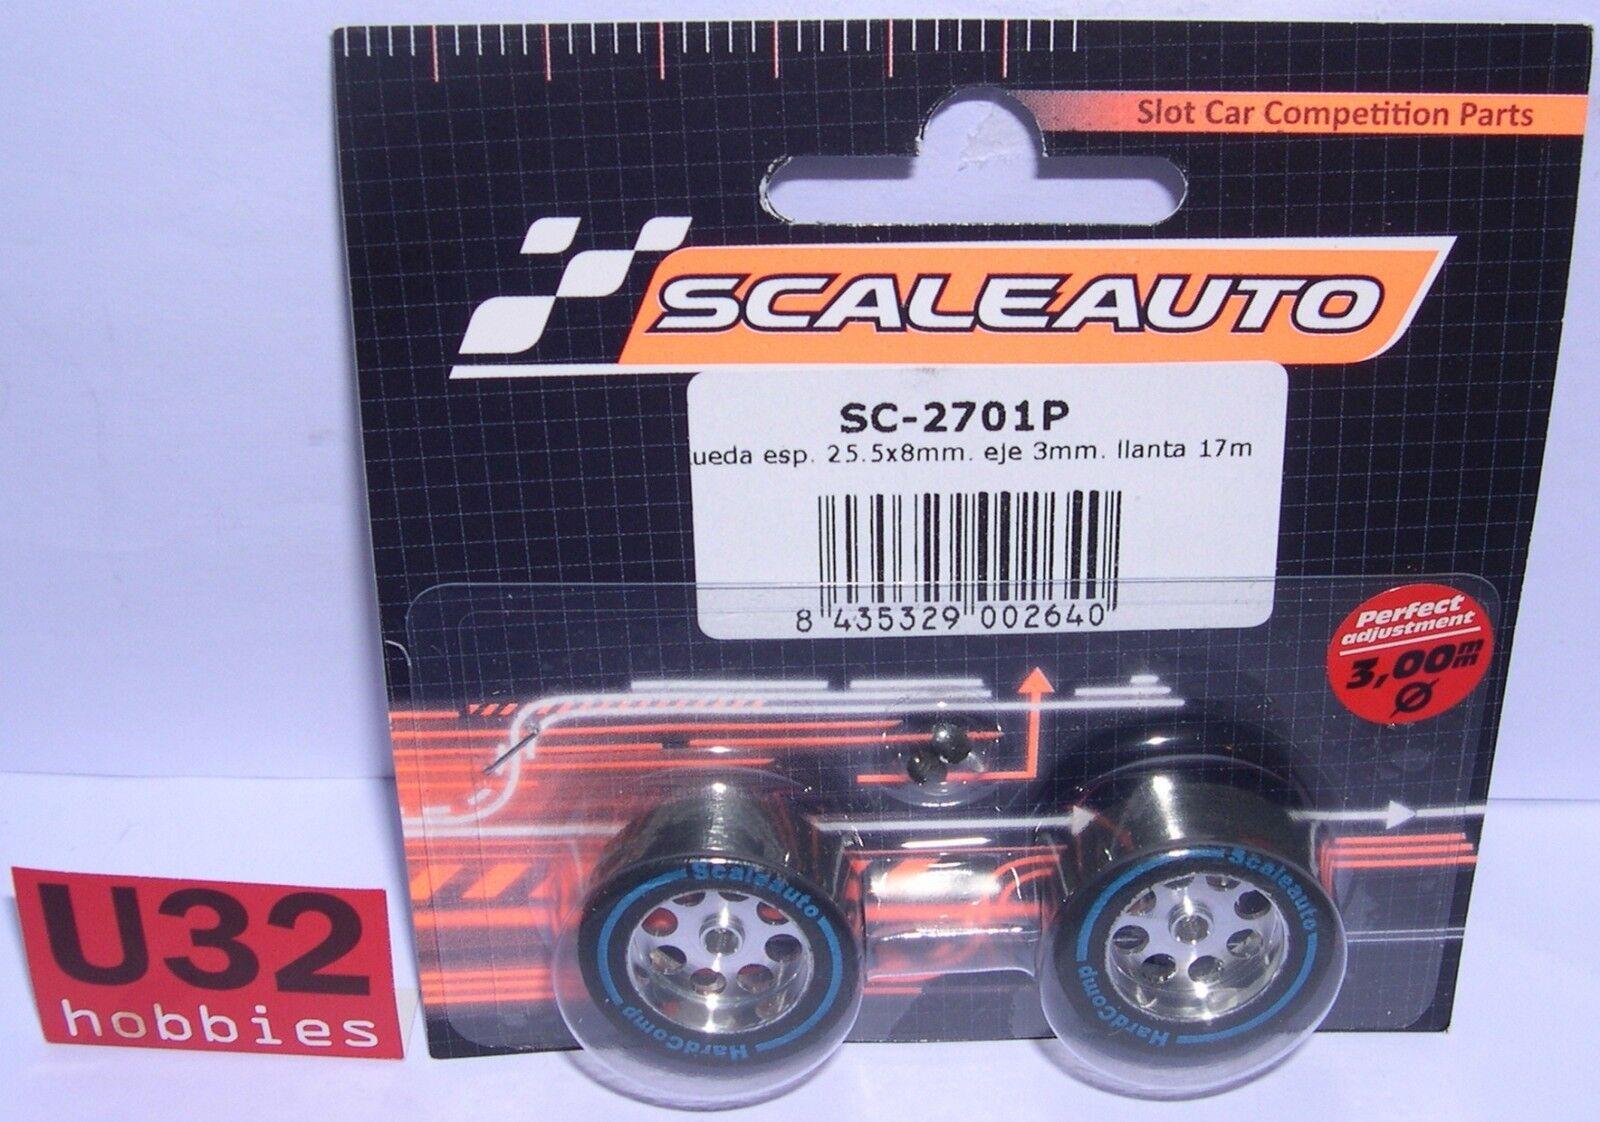 SCALEAUTO SC-2701P WHEEL FOAM 1x0 5 16in RIM 0 21 32in AXIS 0 1 8in LIGHTENED